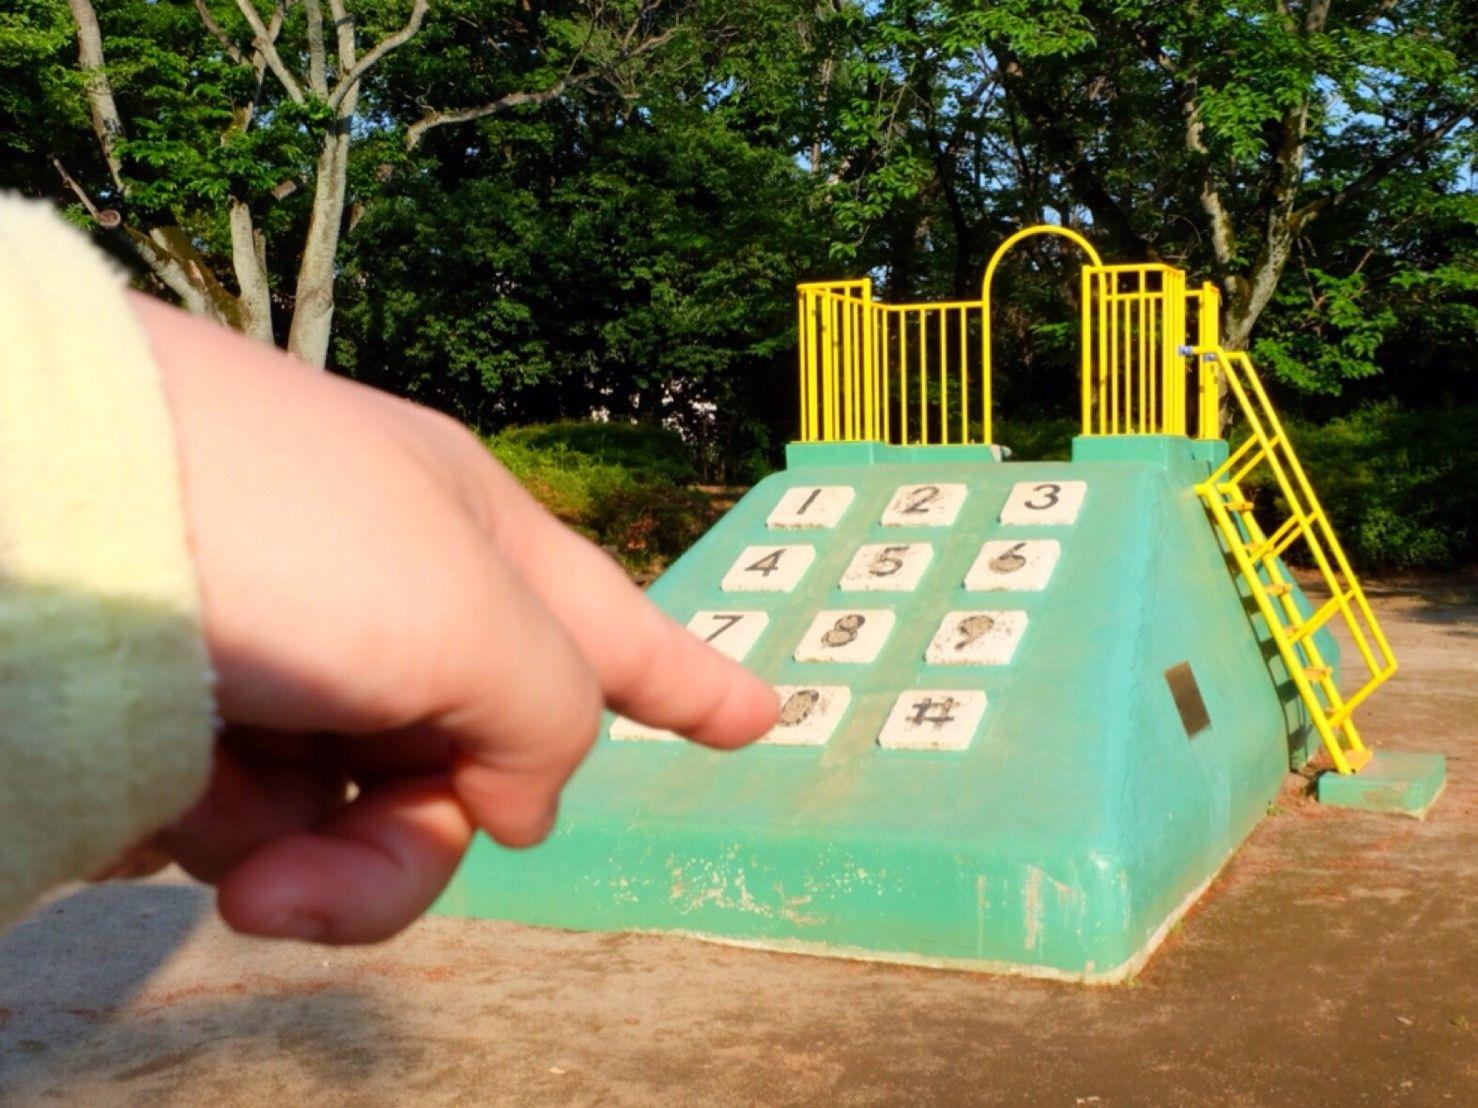 続 おもしろ遊具公園4選 ナニコレが止まらない関東編 ぎゅってweb 公園 遊具 遊具 公園